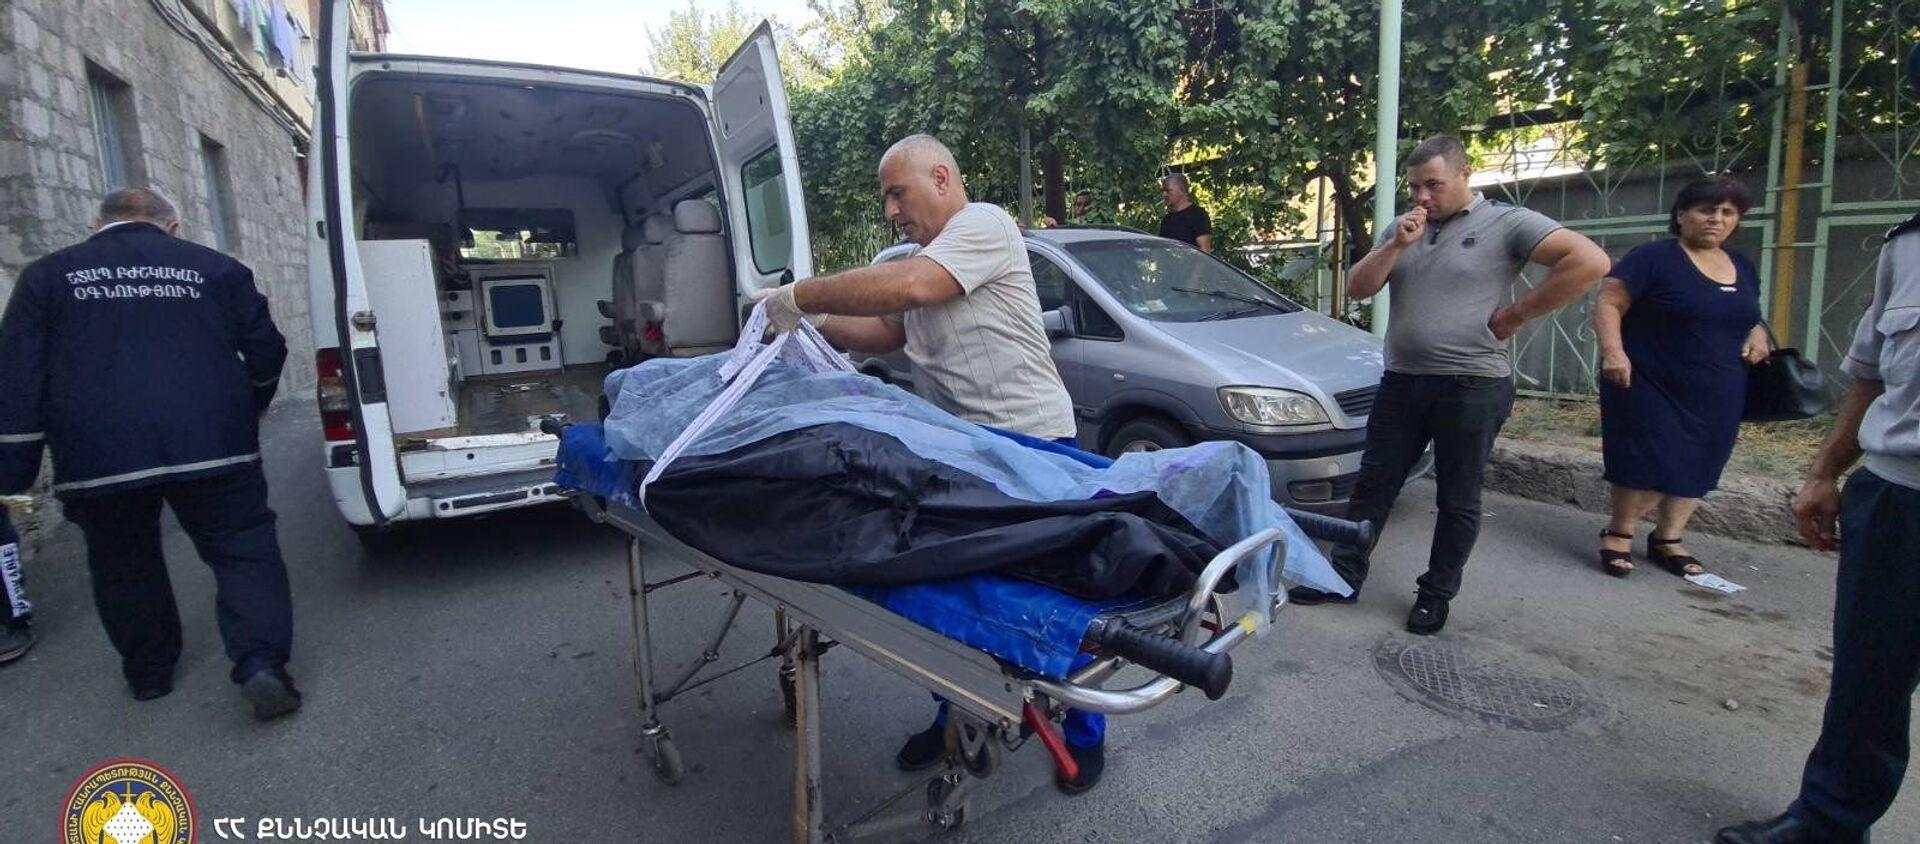 Управление полиции Шенгавита проводит арест 33-летнего жителя Еревана в связи с подозрением на убийство жены (11 августа 2021). Еревaн - Sputnik Արմենիա, 1920, 11.08.2021